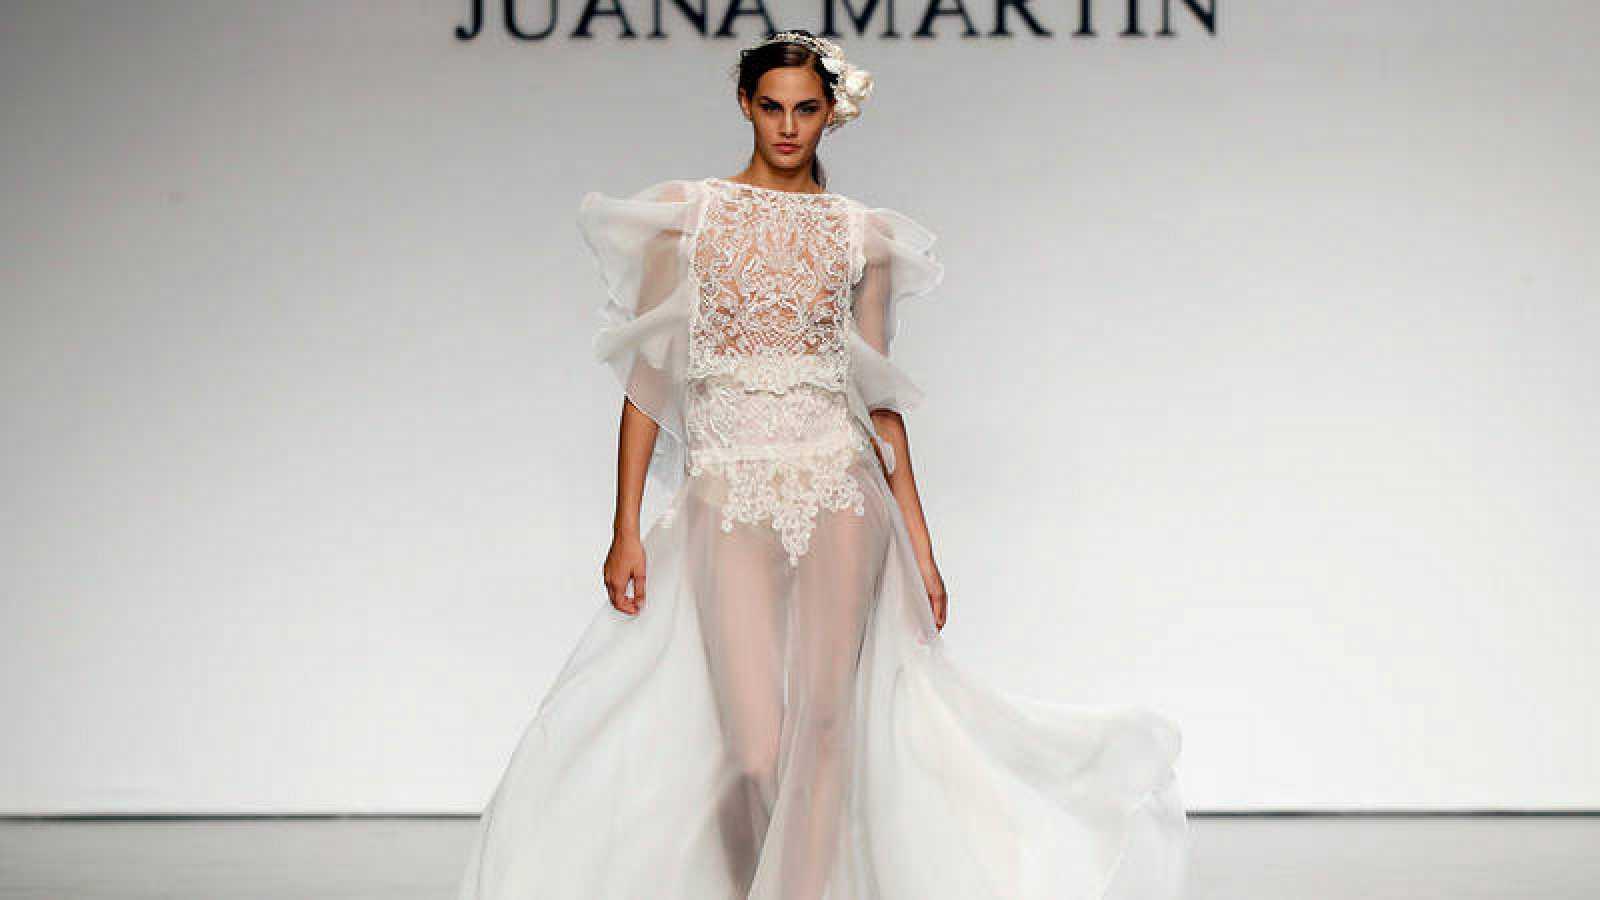 La raza de Juana Martín y el chic de Juanjo Oliva enamoran en ...